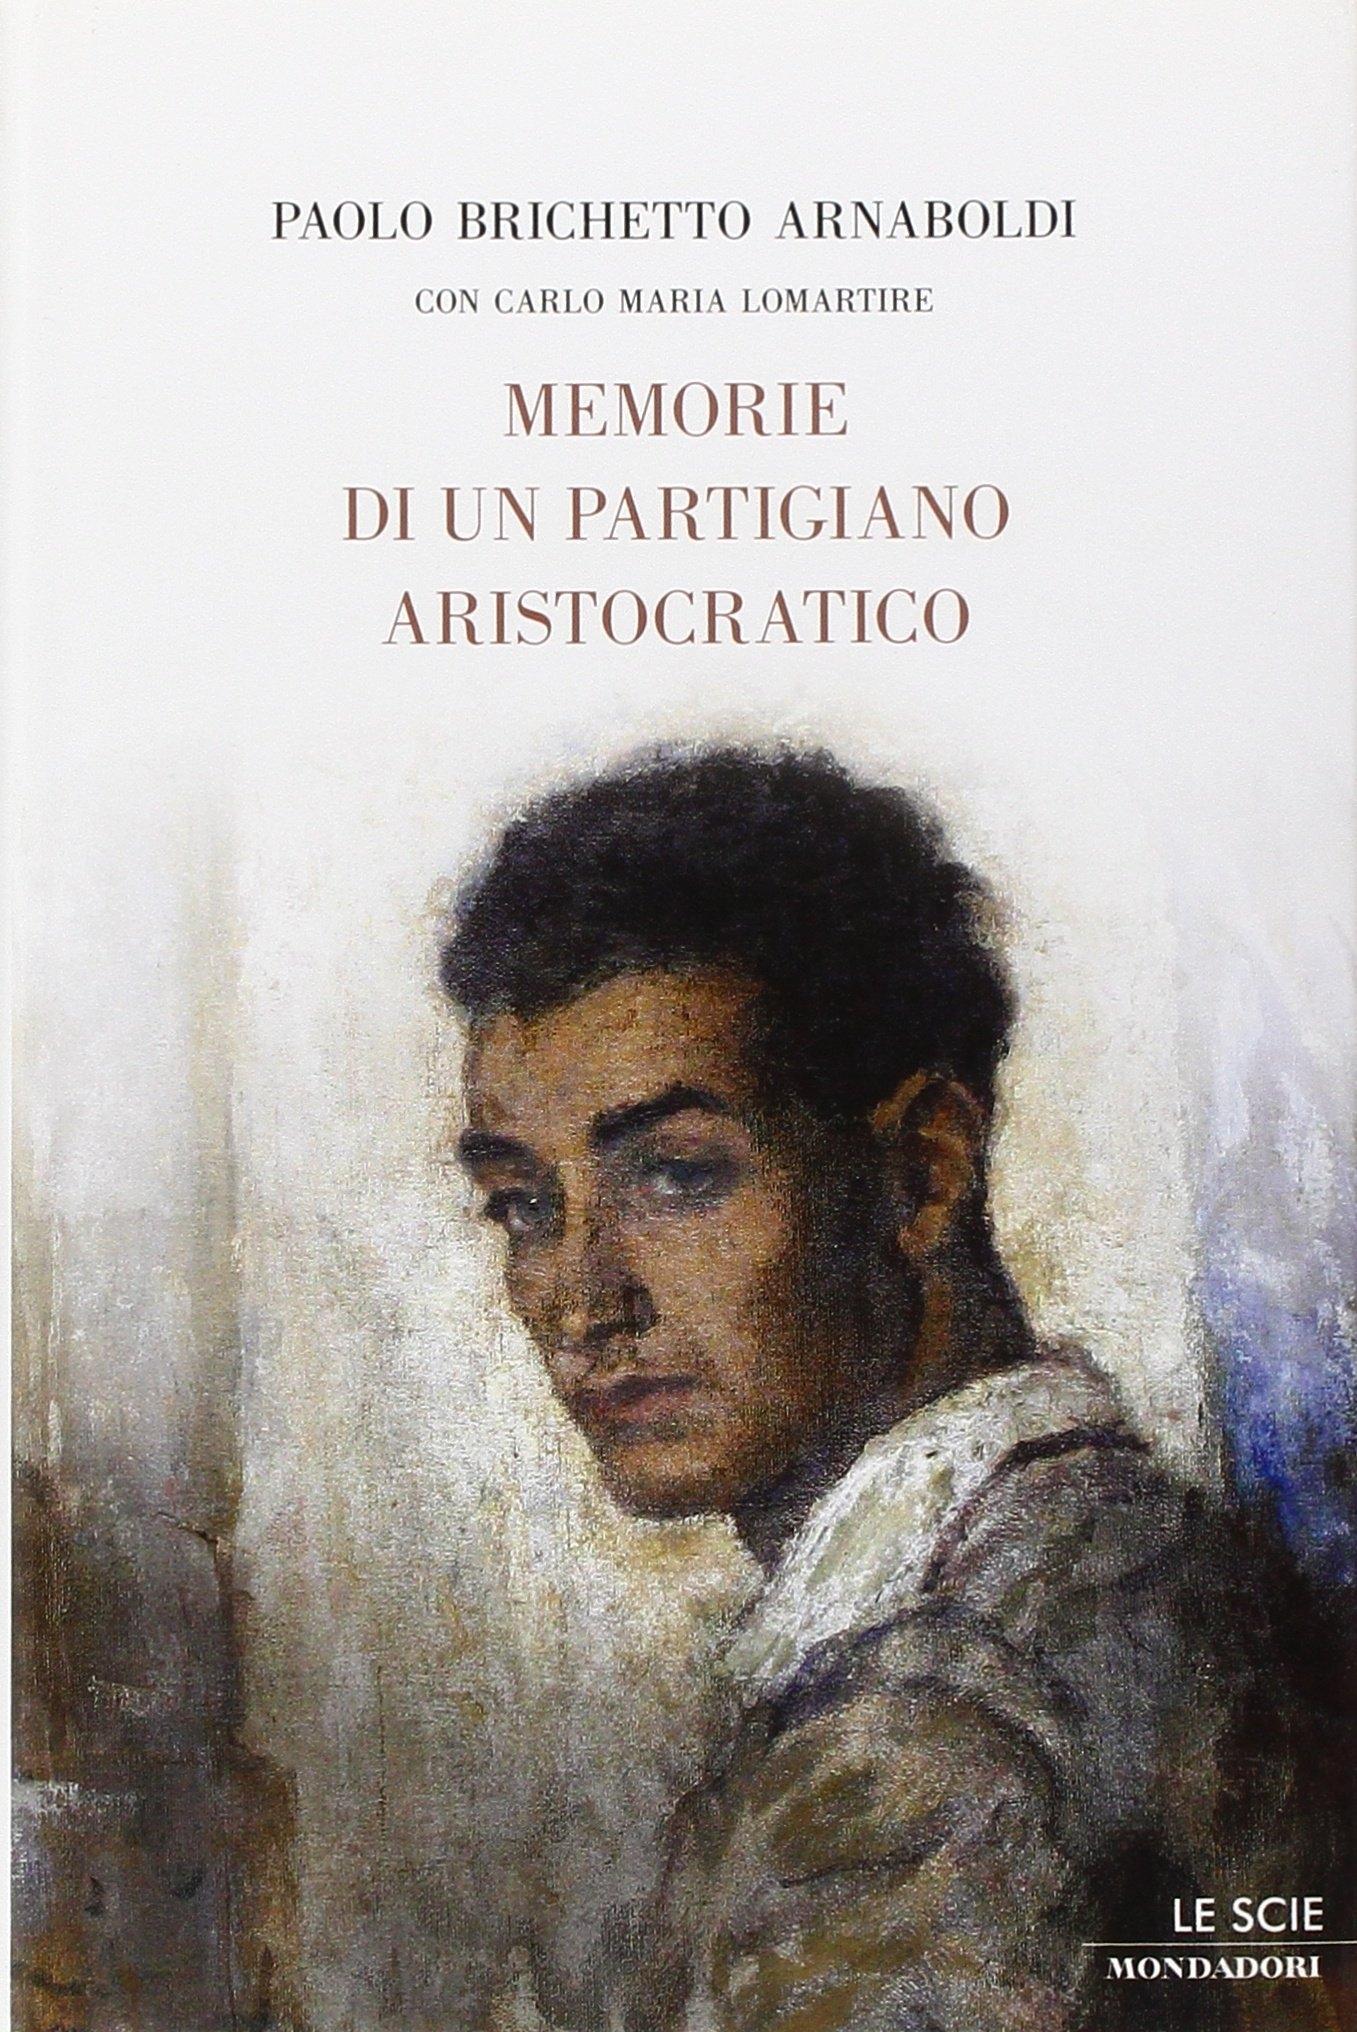 Memorie di un partigiano aristocratico